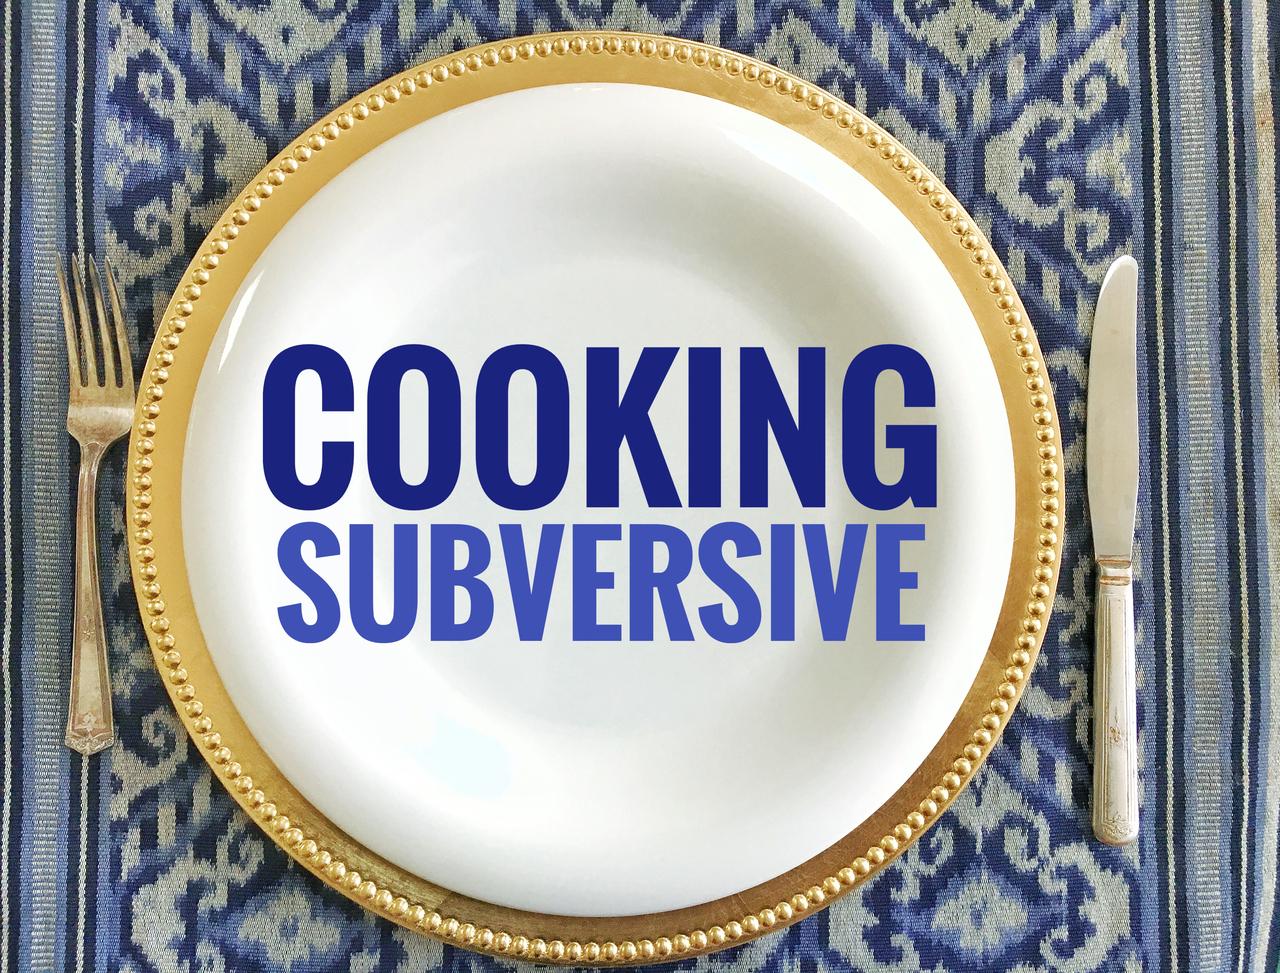 Cooking Subversive